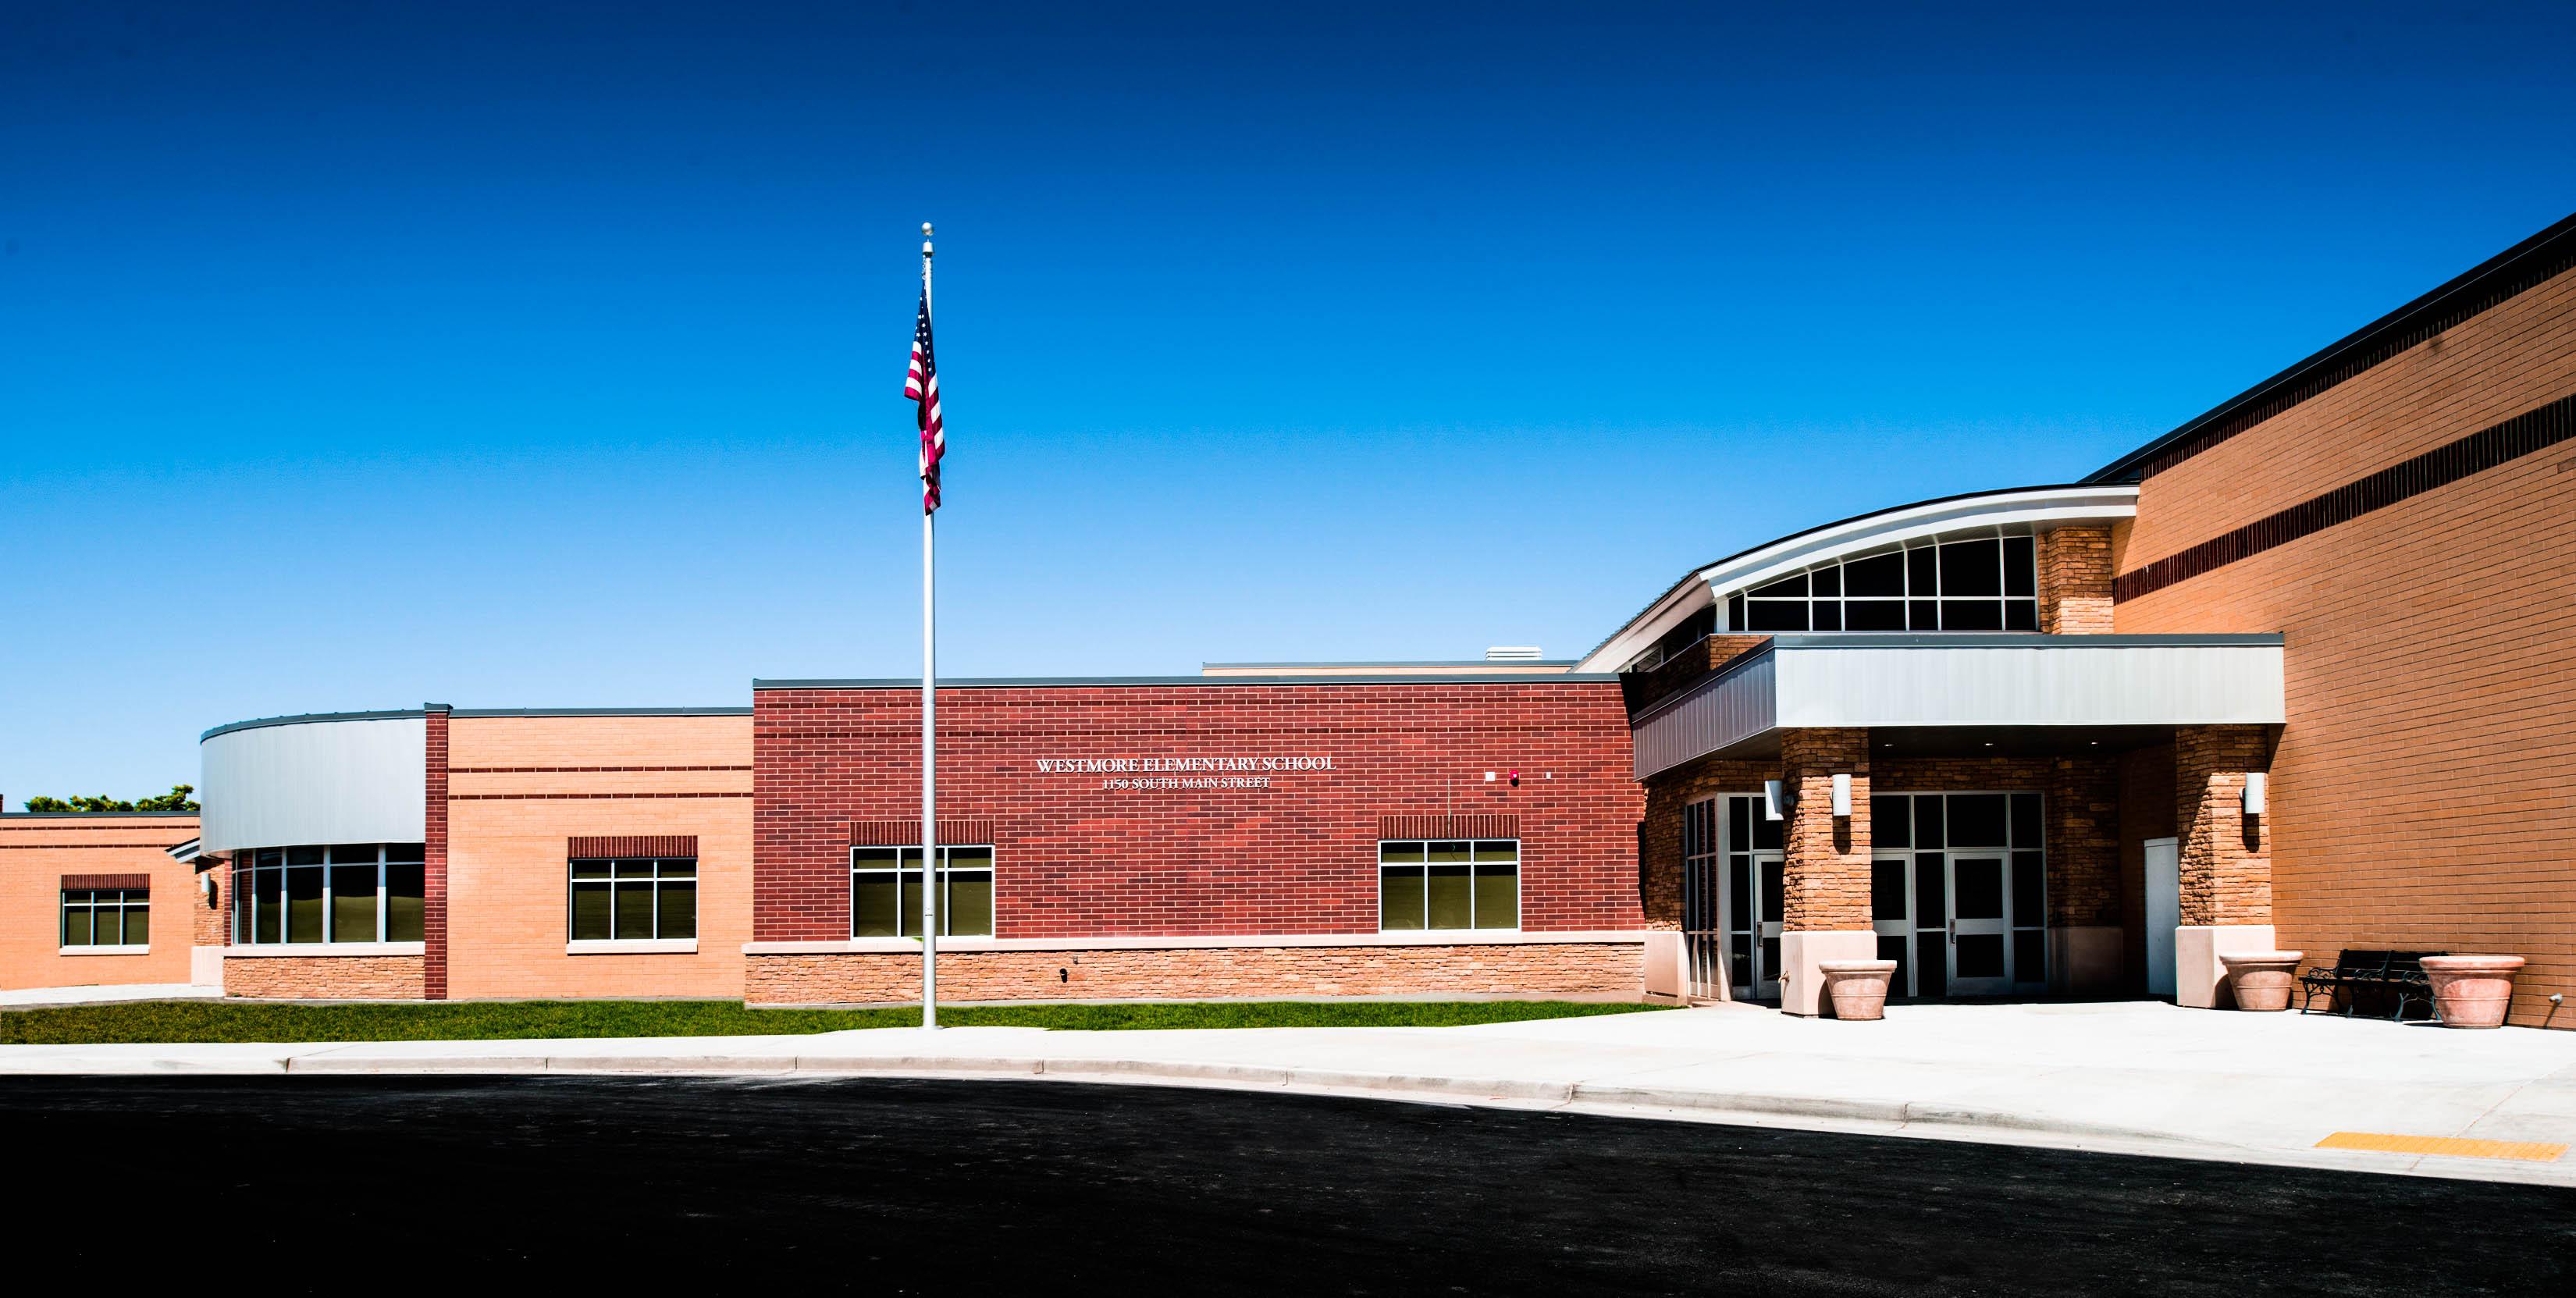 Westmore Elementary School